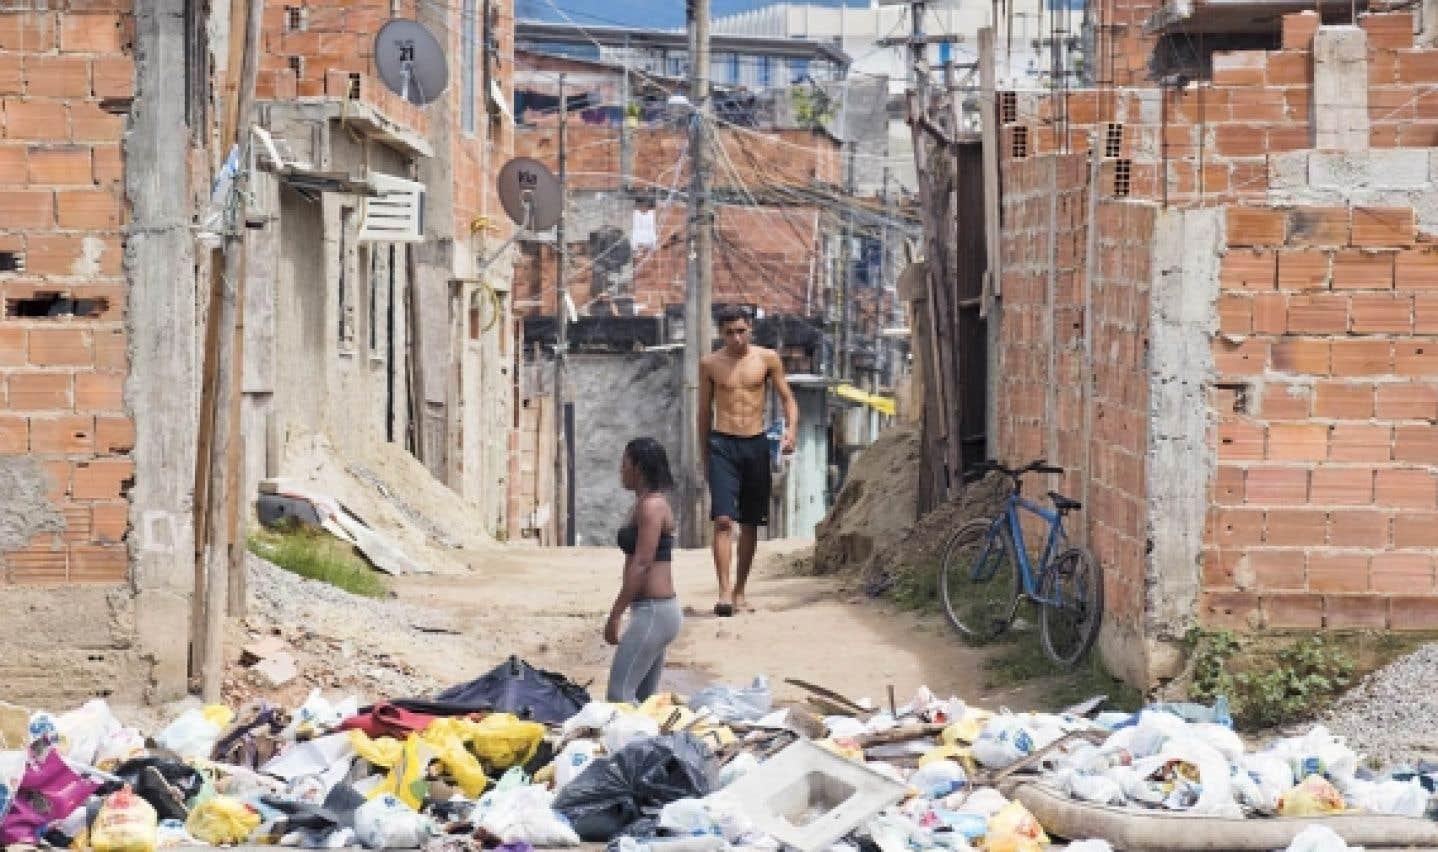 Du Brésil au Mali - L'éducation et la santé sont des secteurs d'intervention prioritaires